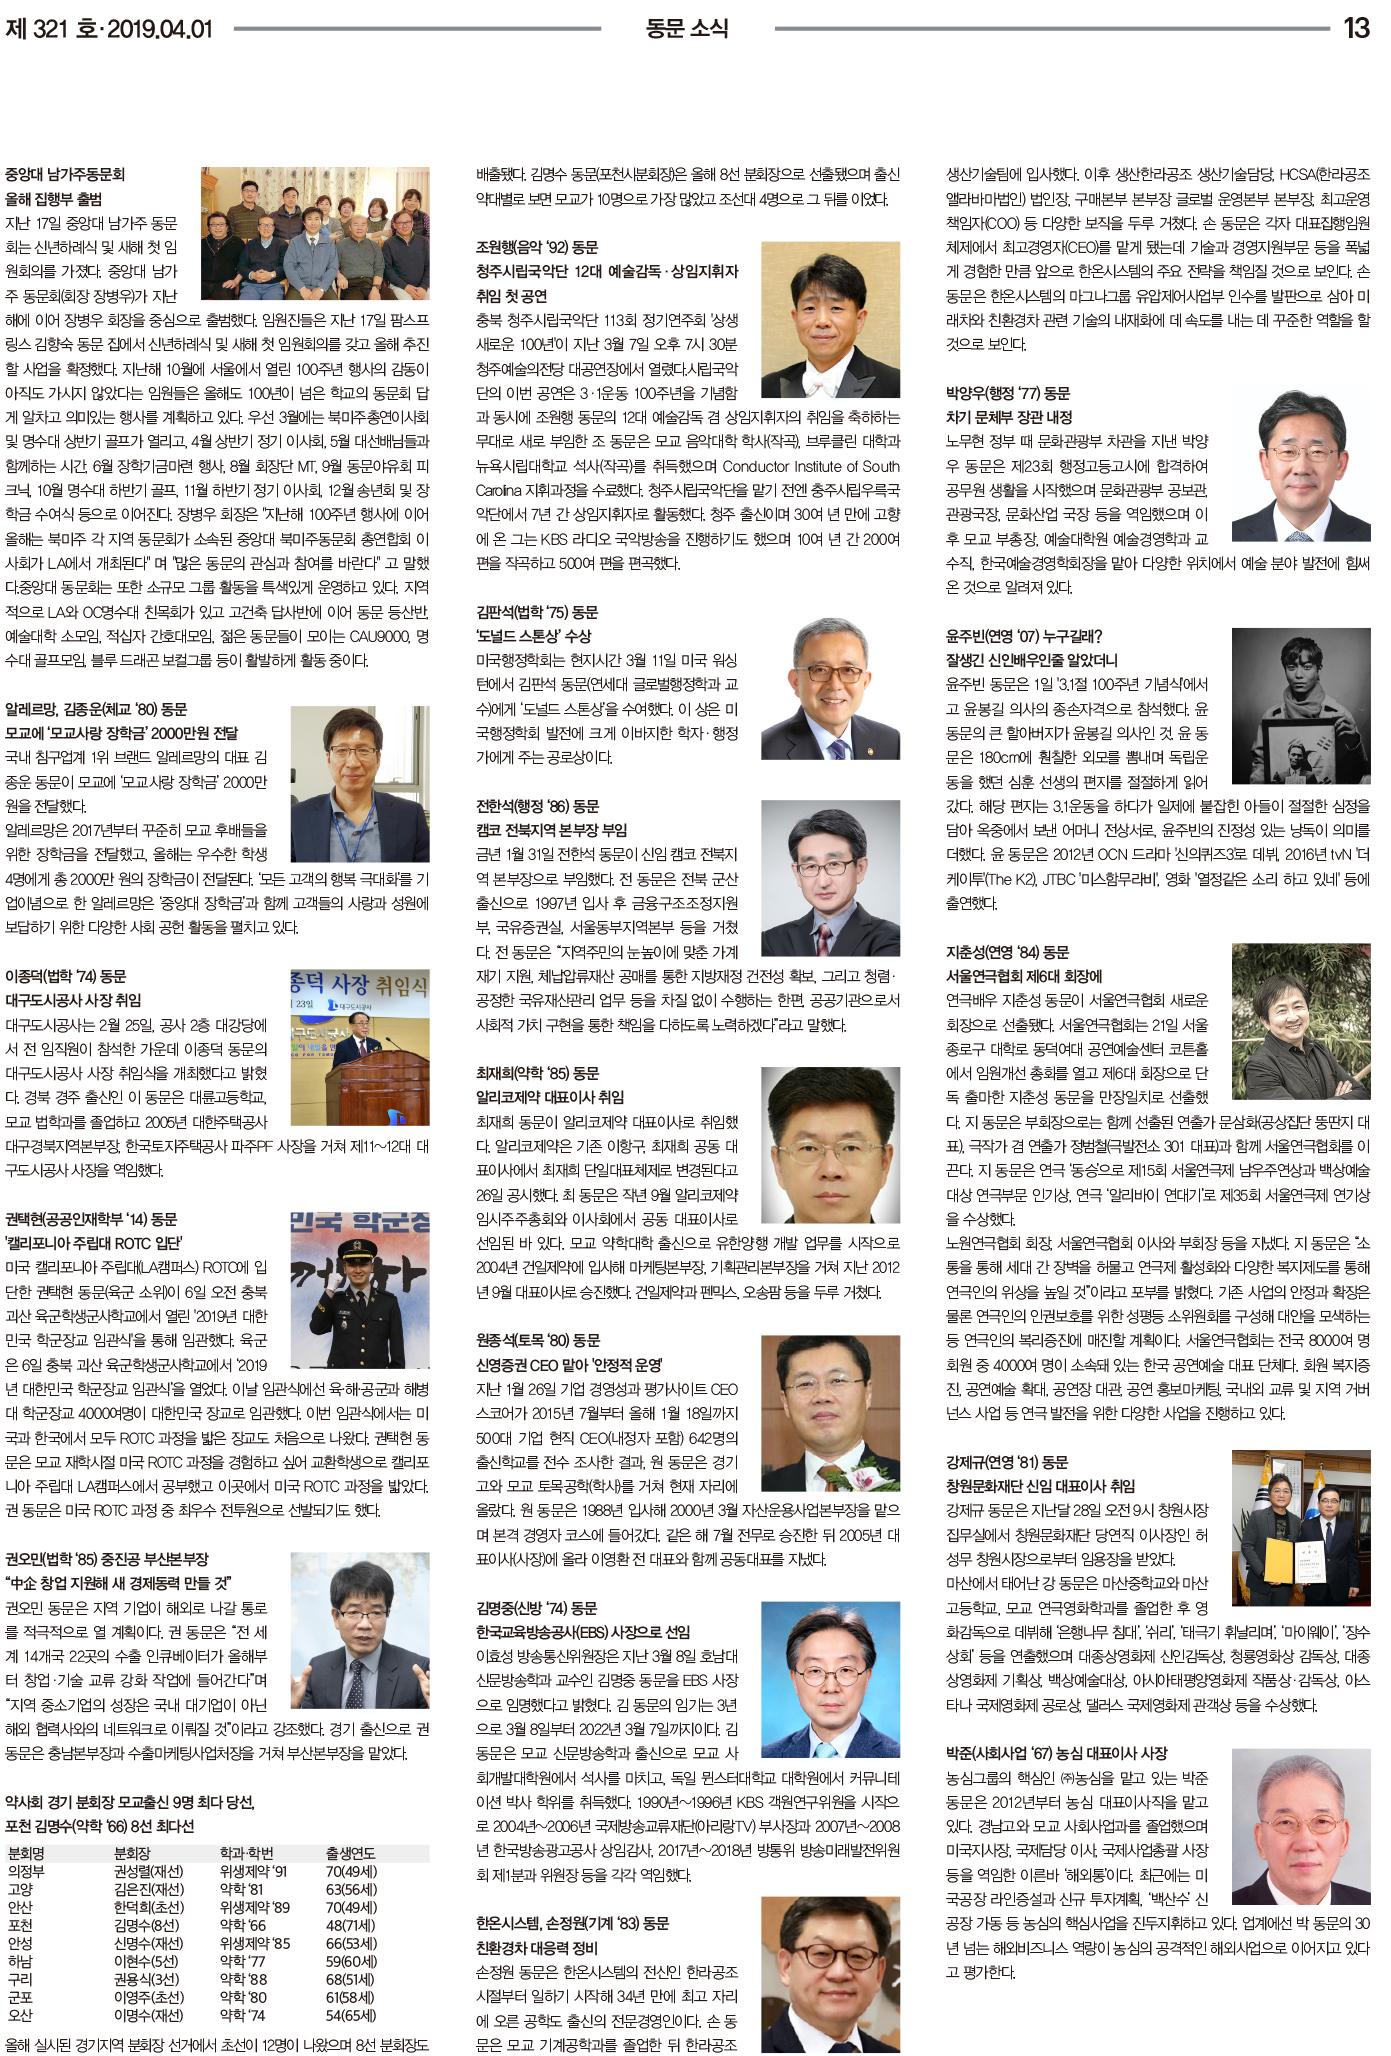 중앙대학교_동문회보_321호-13.jpg